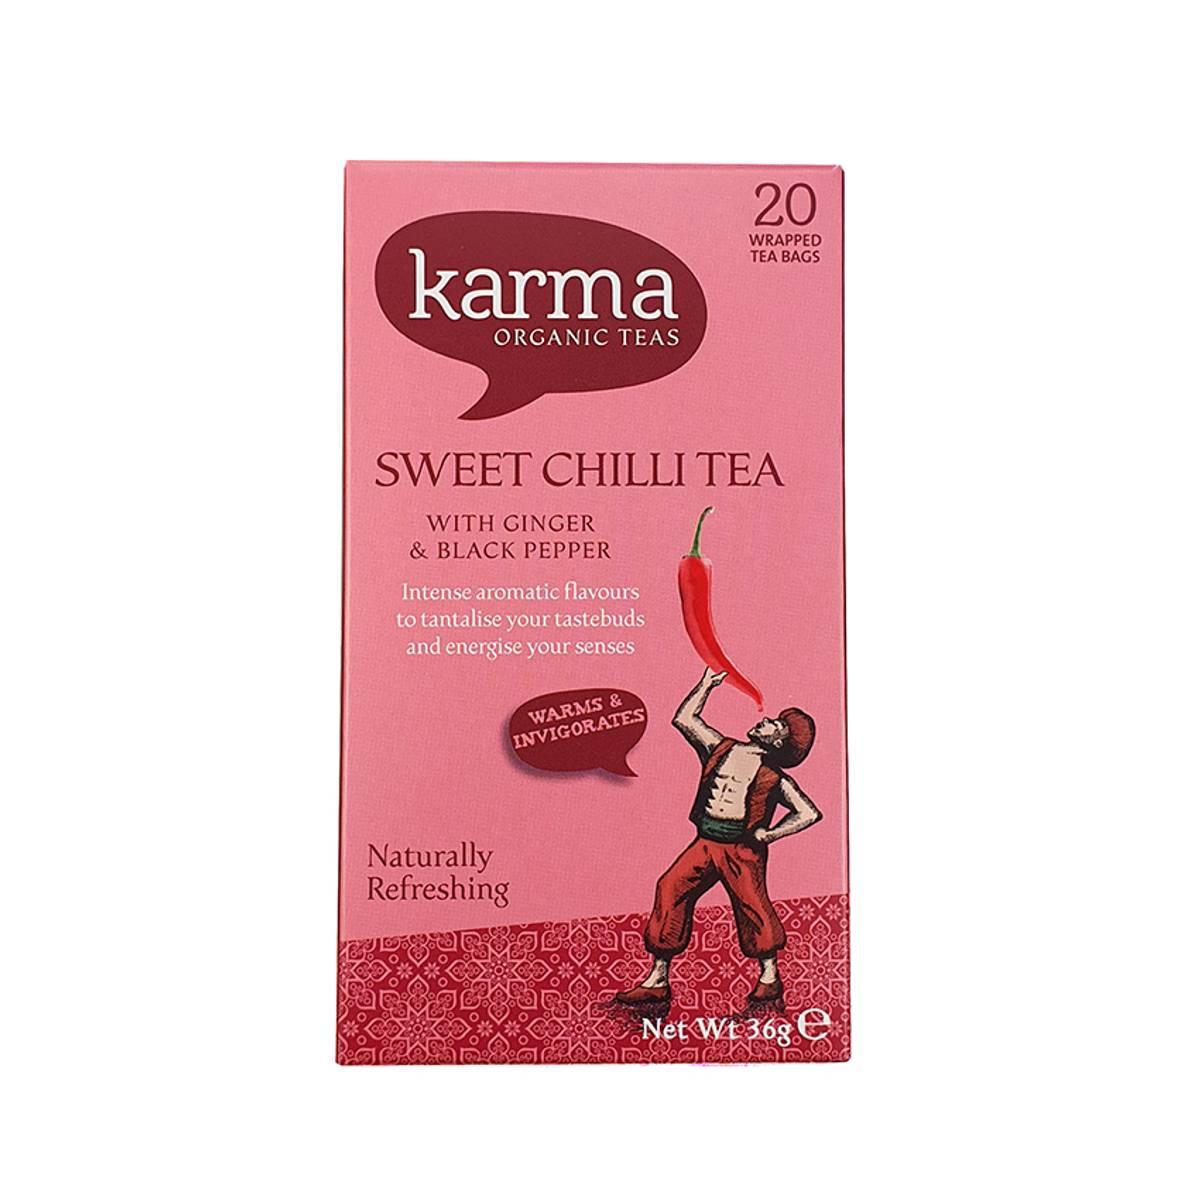 Sweet Chili Tea